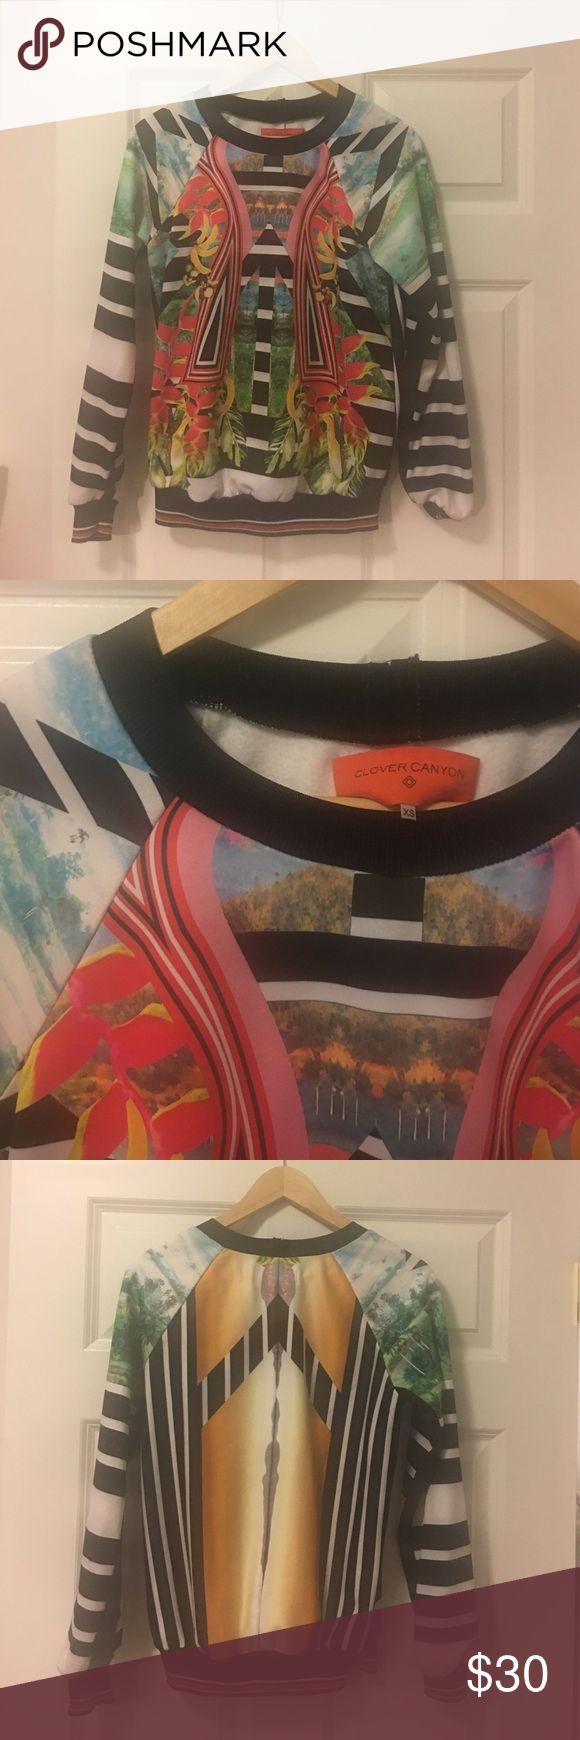 Clover Canyon Scuba Pullover Clover Canyon Printed Long Sleeve Pullover Clover Canyon Tops Sweatshirts & Hoodies